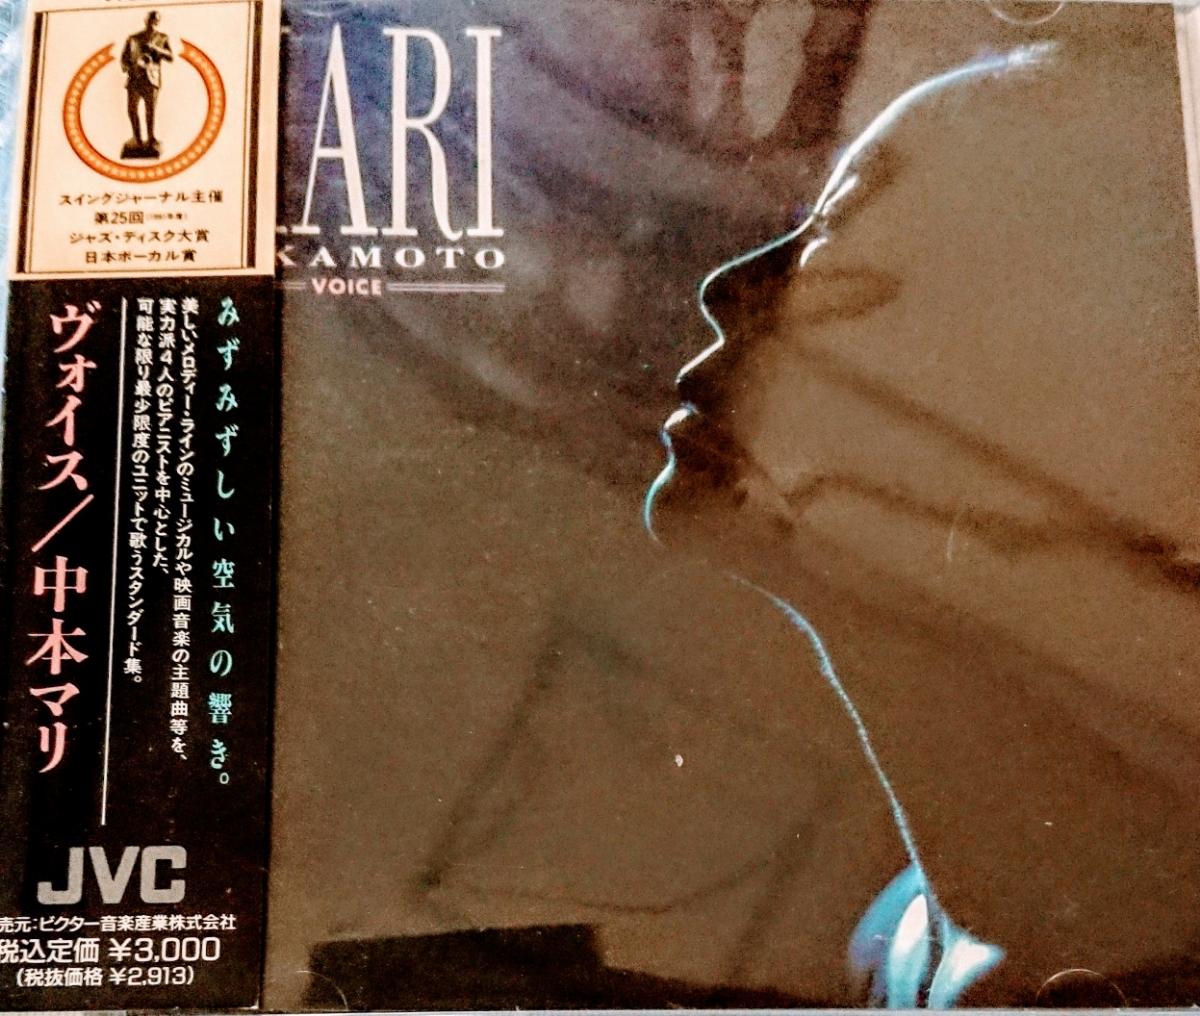 CD中本マリ/「ヴォイス」(国内盤、中古品、帯つき)